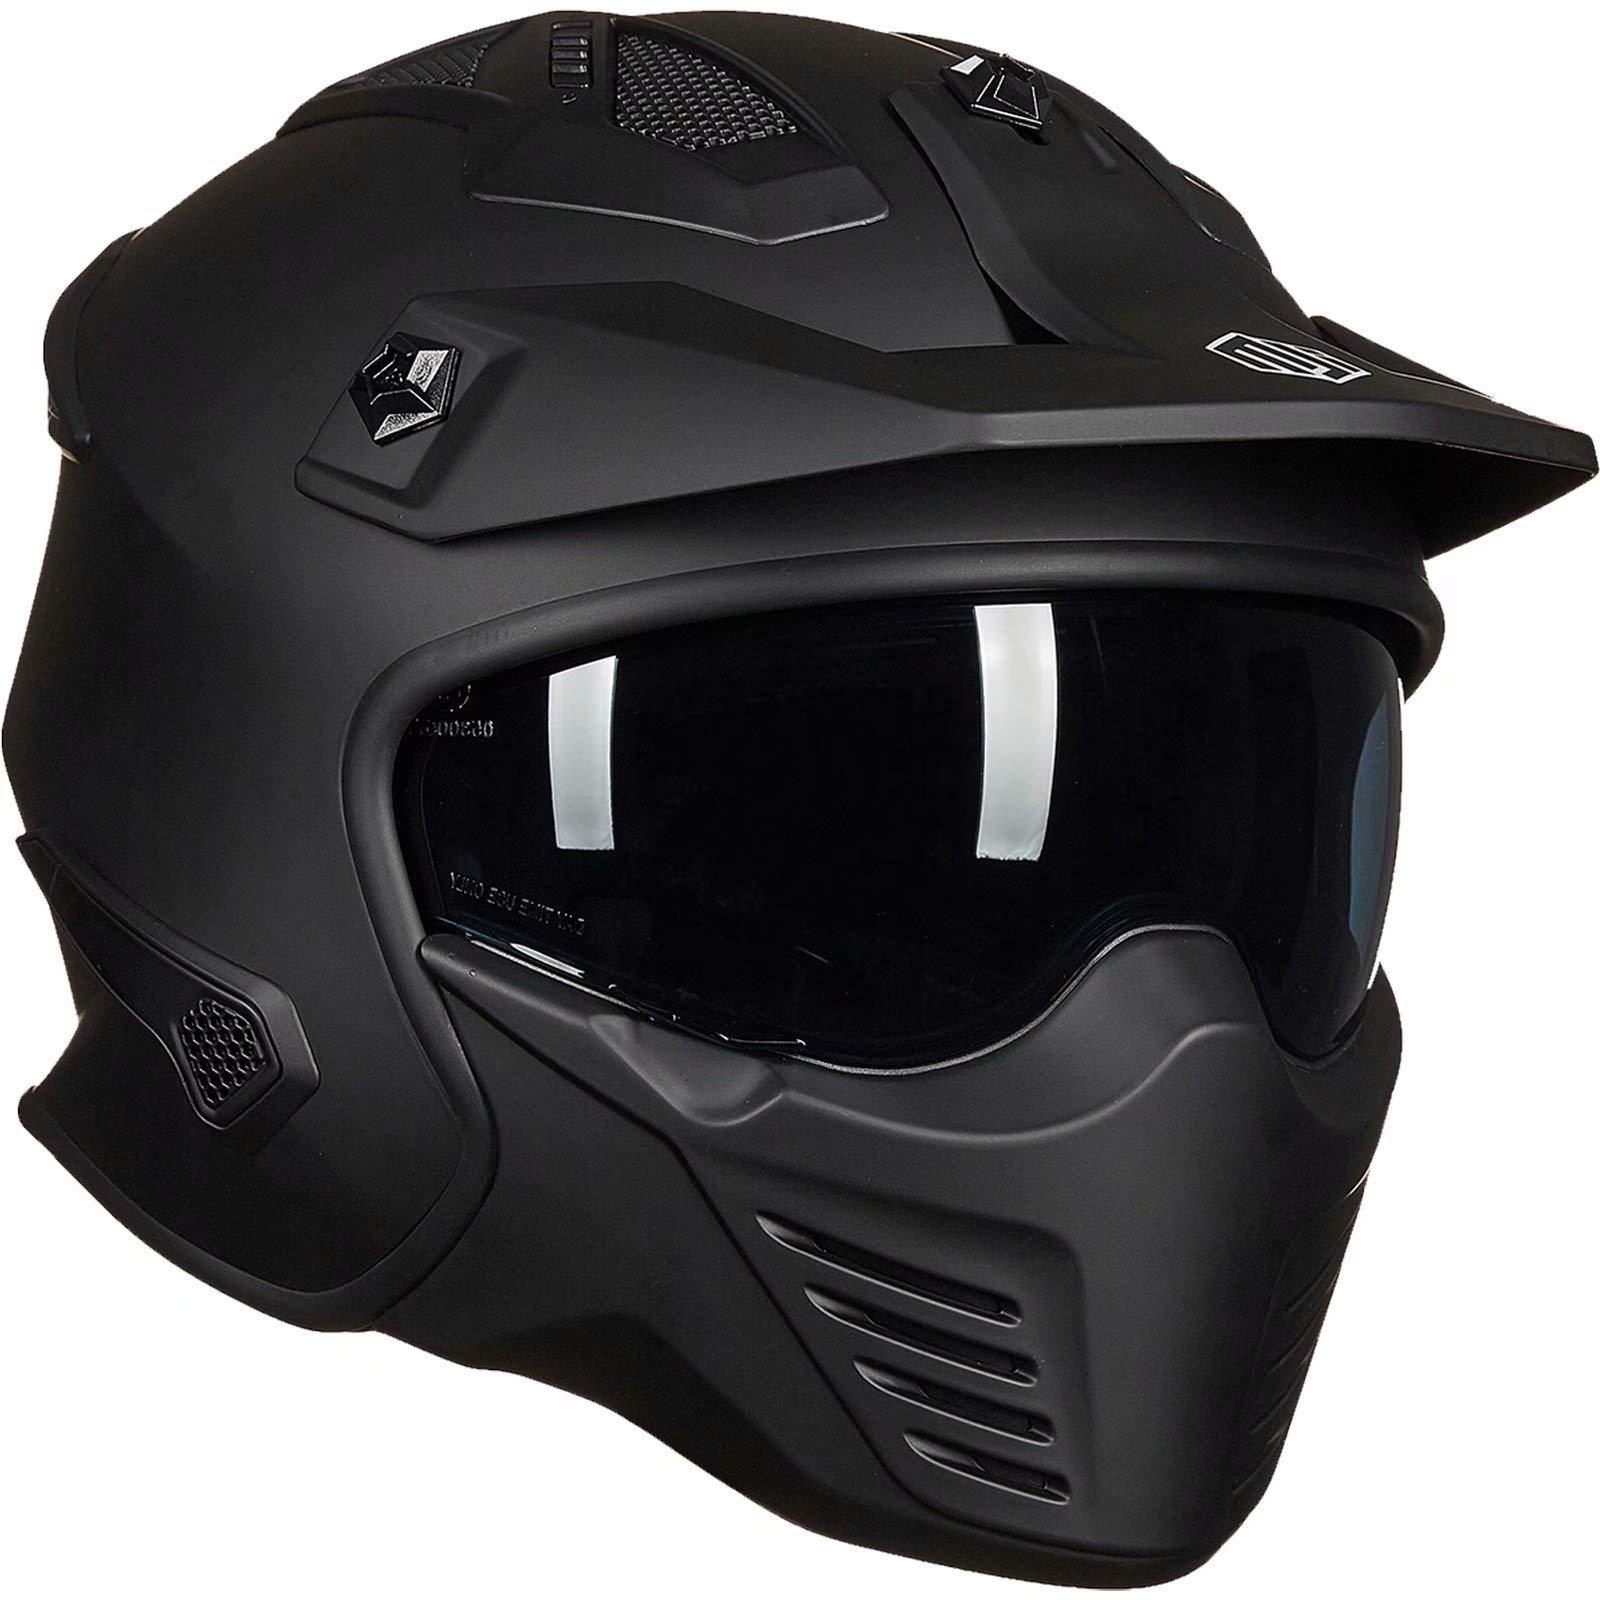 Auboa 3/4 Open Face Half Helmet Motorcycle Men with Sun Visor, Motorcycle Helmet for ATV Scooter Cruiser DOT(Matte Black, Small)